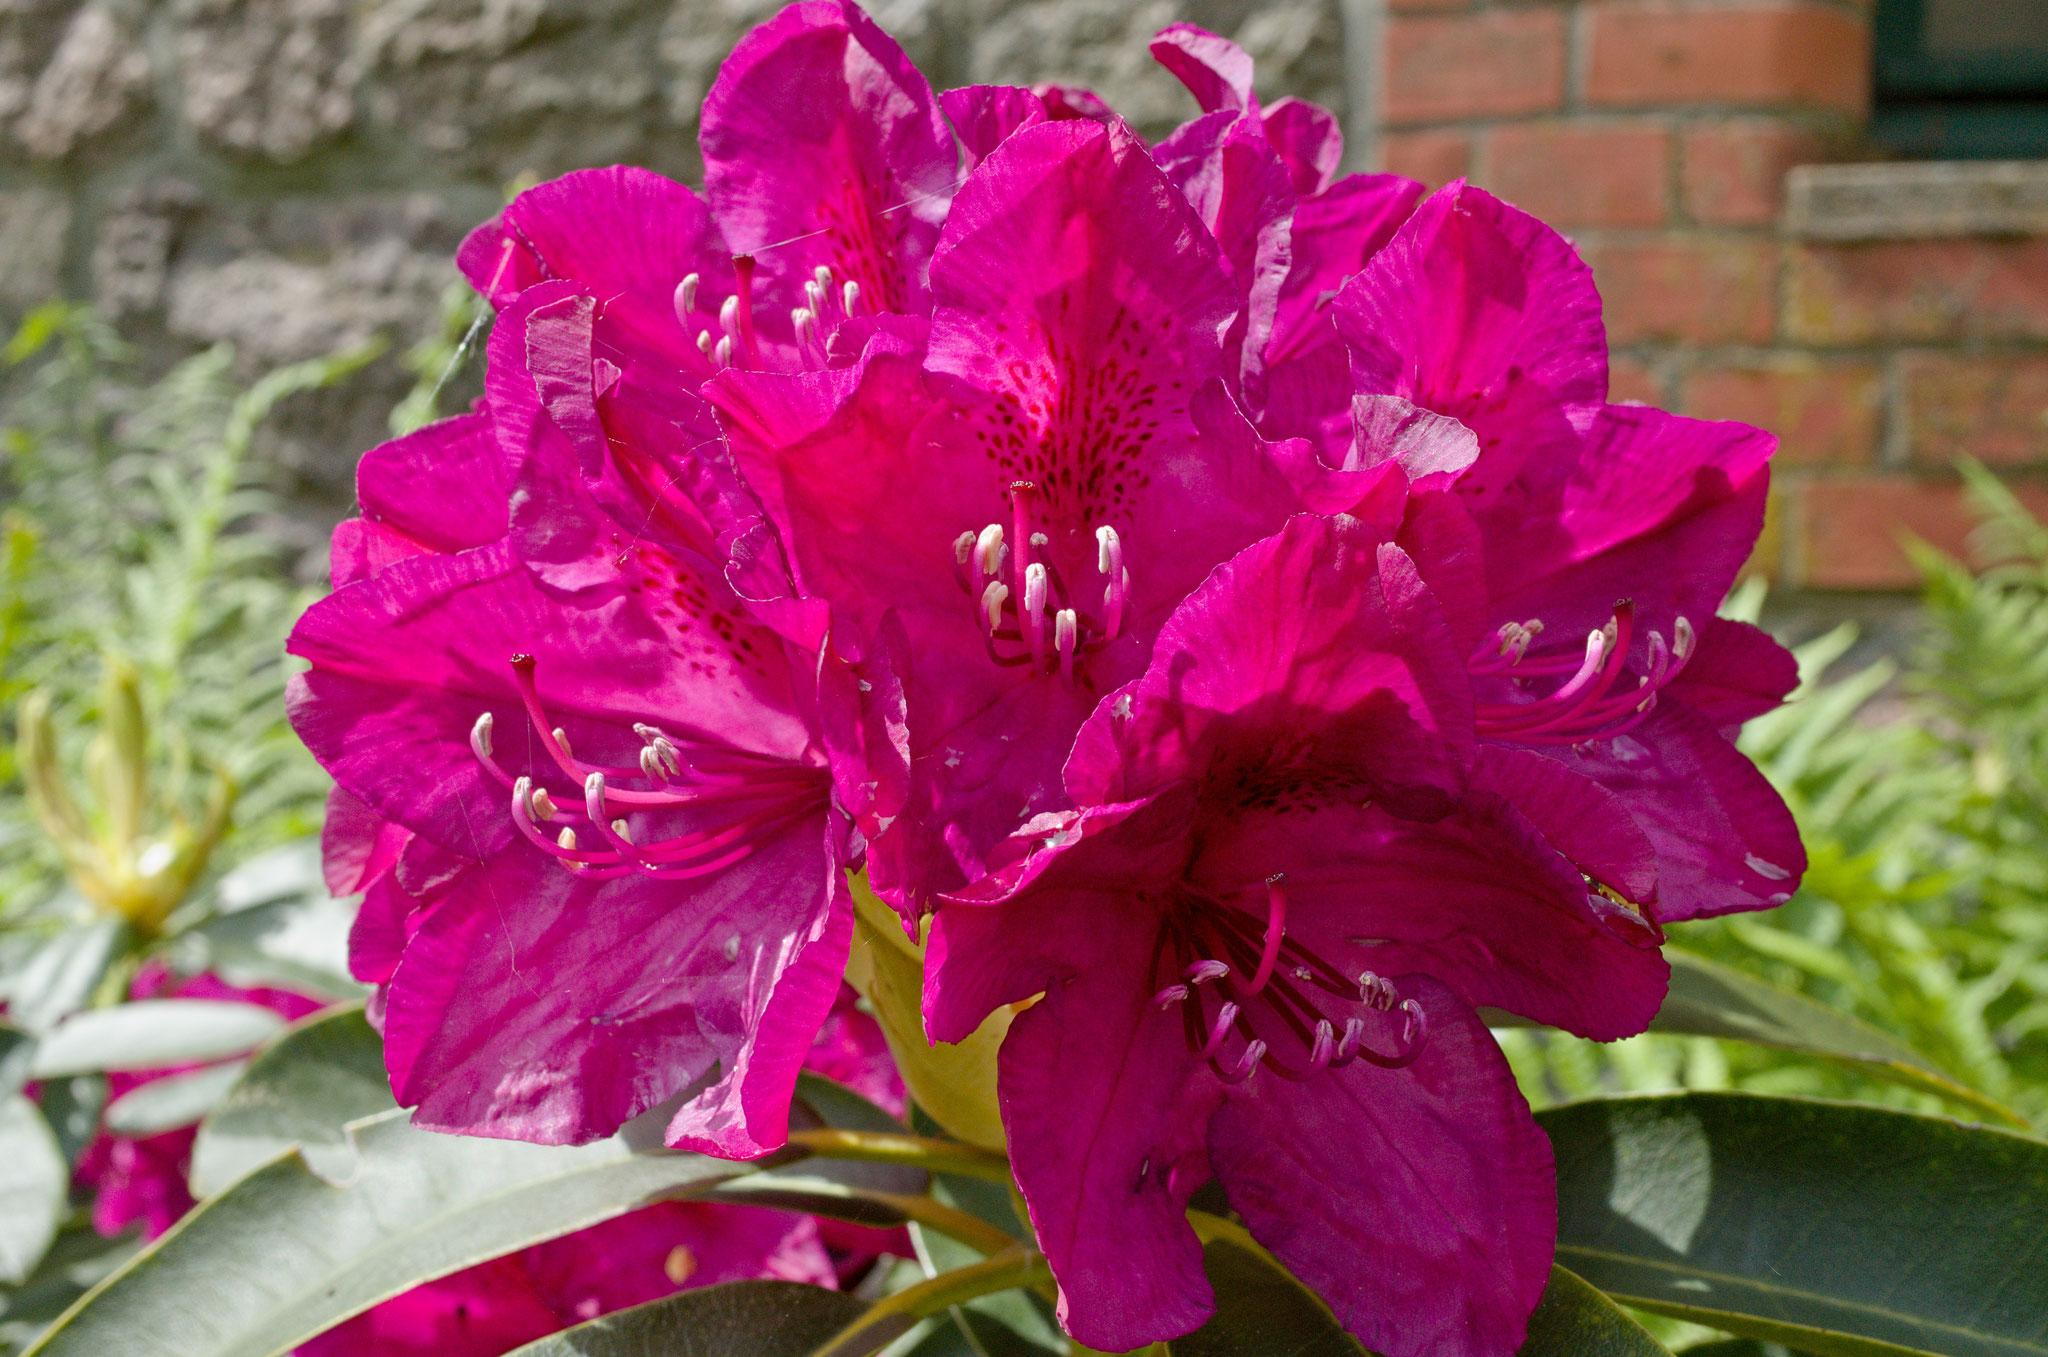 Titel der Wanderung: Zur Rhododendron-Blüte nach Wiligrad am 17.05.2017